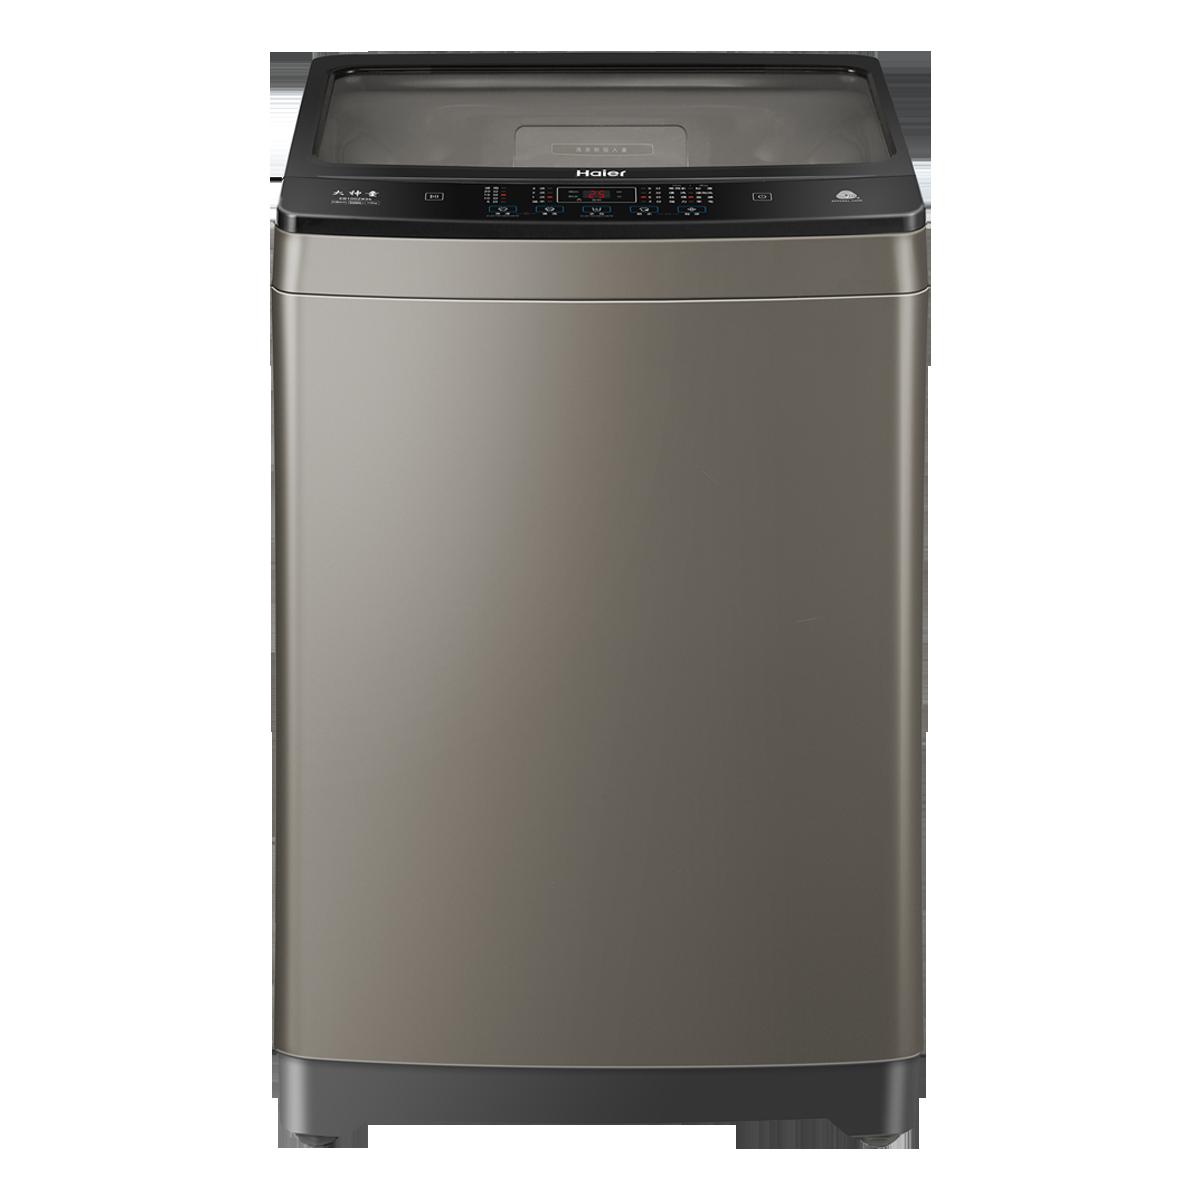 海尔Haier洗衣机 EB100Z836 说明书